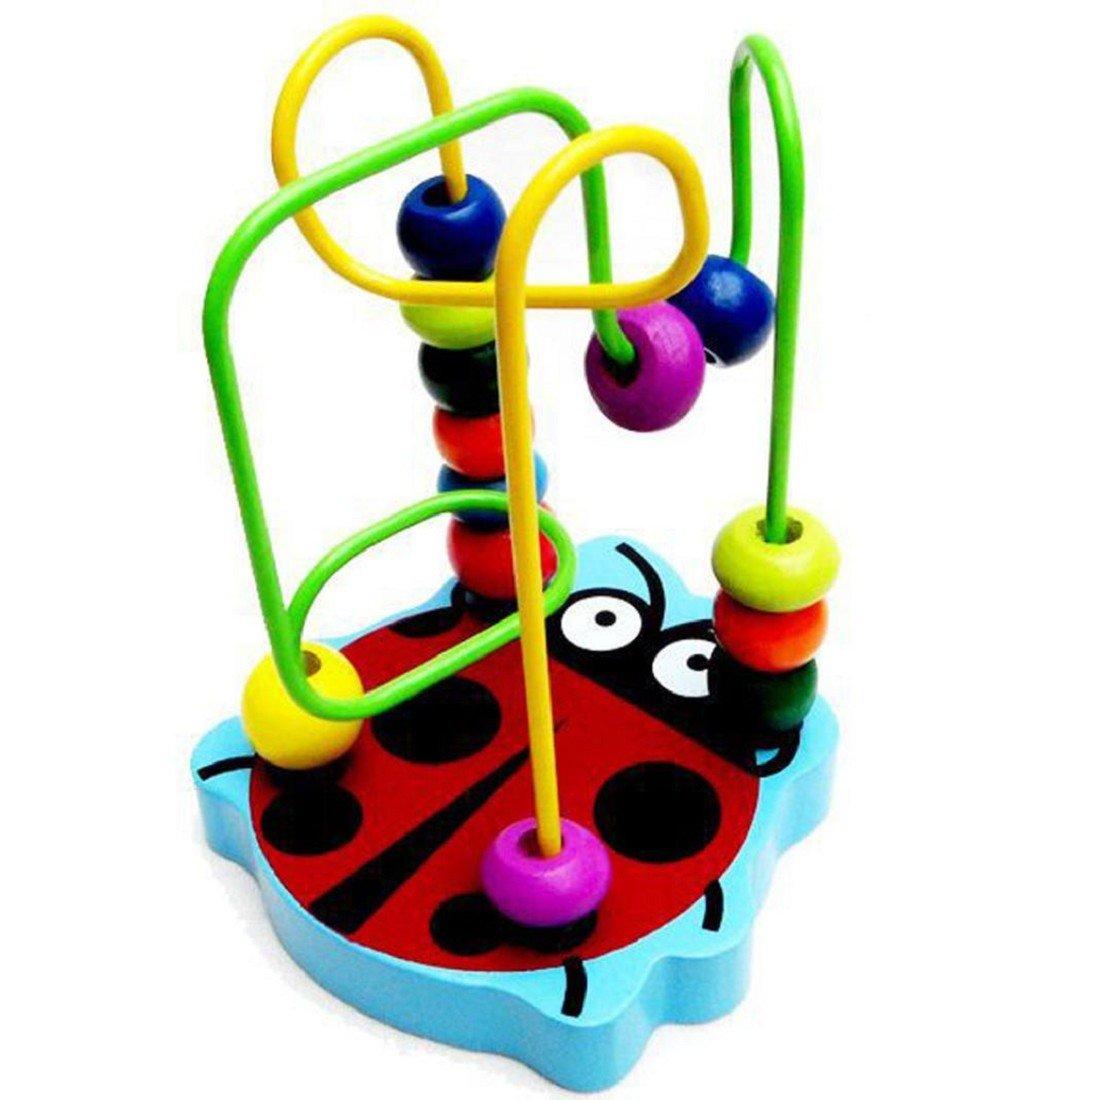 Tongshi Los ni/ños del beb/é de madera colorido mini alrededor de bolas de juguete educativo del juego